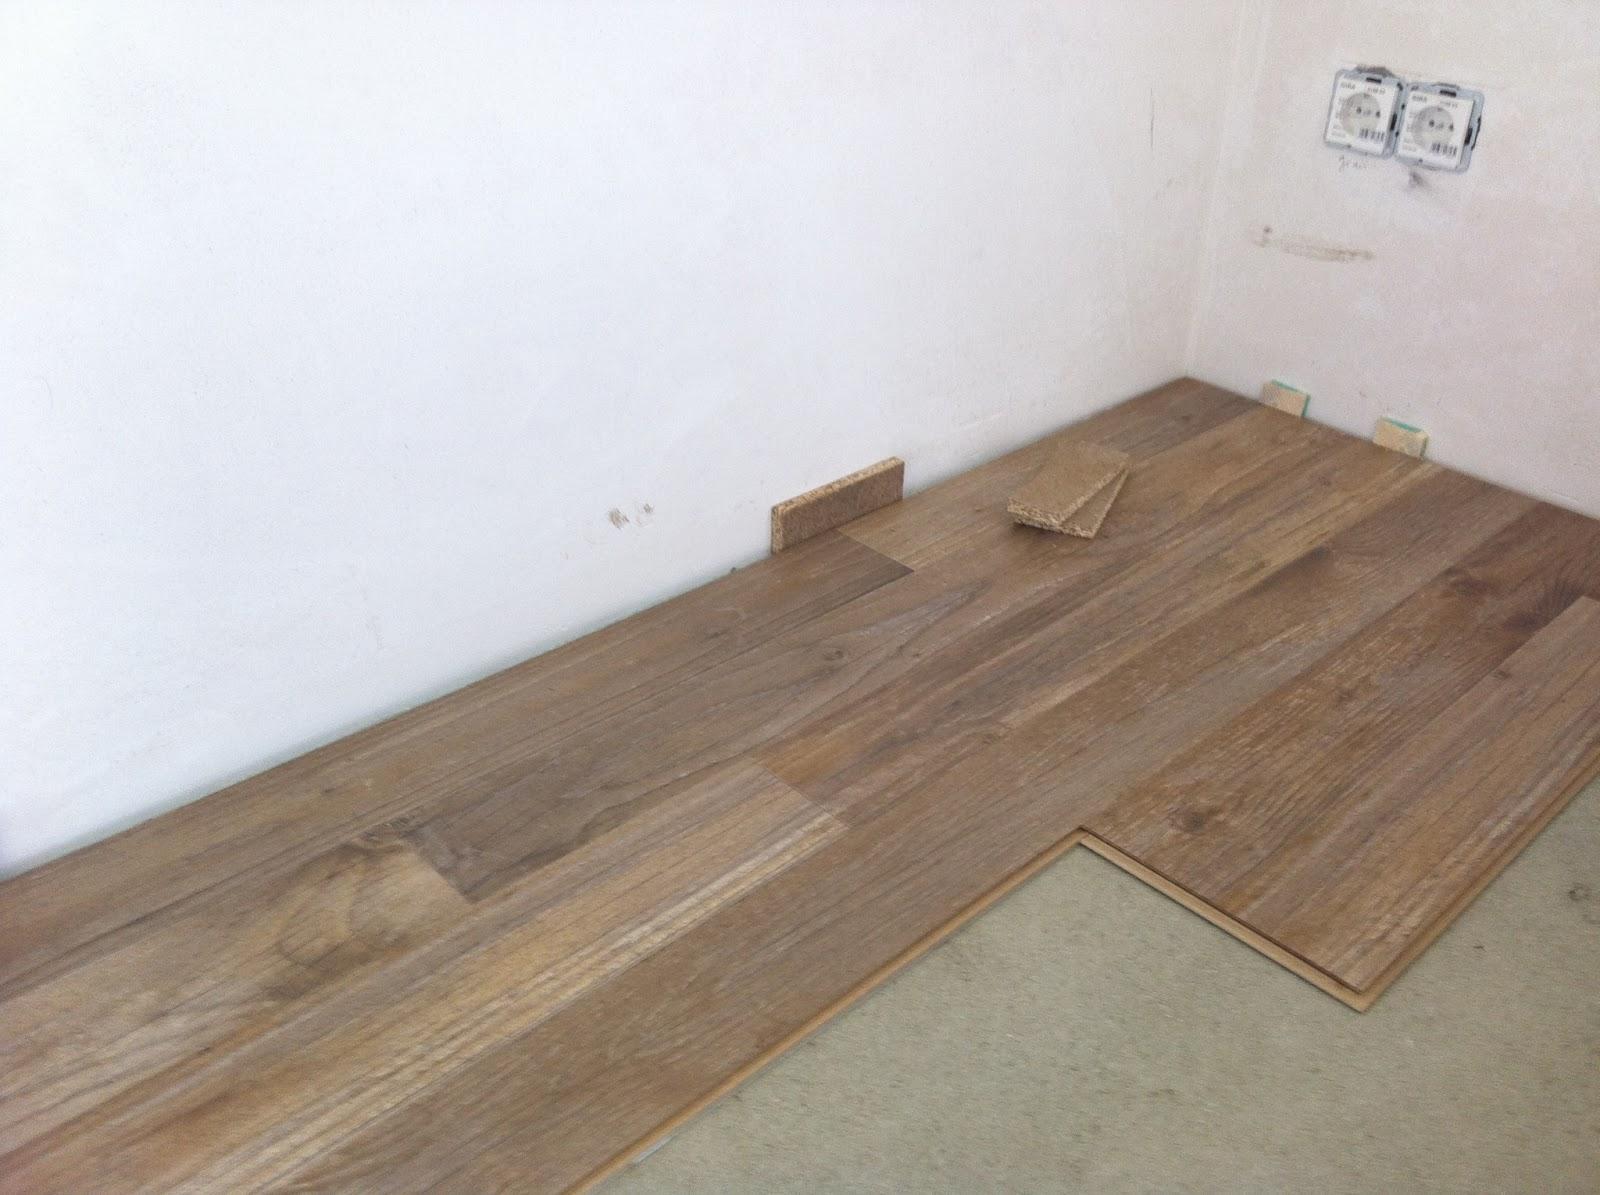 stein auf stein wird h tte fein bautagebuch mit baudirekt erfahrungen und bewertung mai 2013. Black Bedroom Furniture Sets. Home Design Ideas